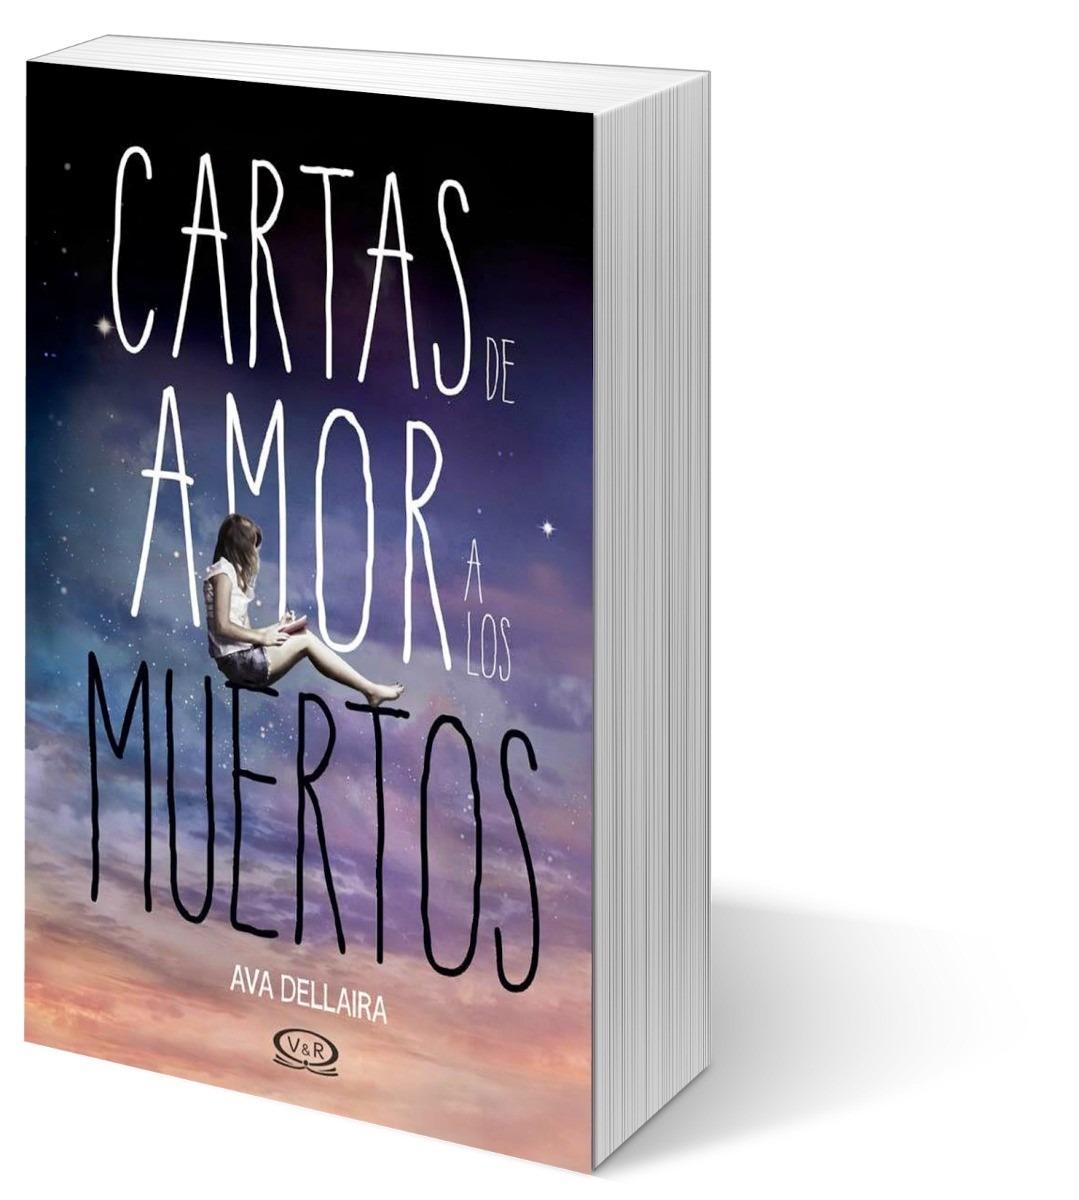 cartas-de-amor-a-los-muertos-libro-original-D_NQ_NP_786683-MEC25720919376_072017-F.jpg